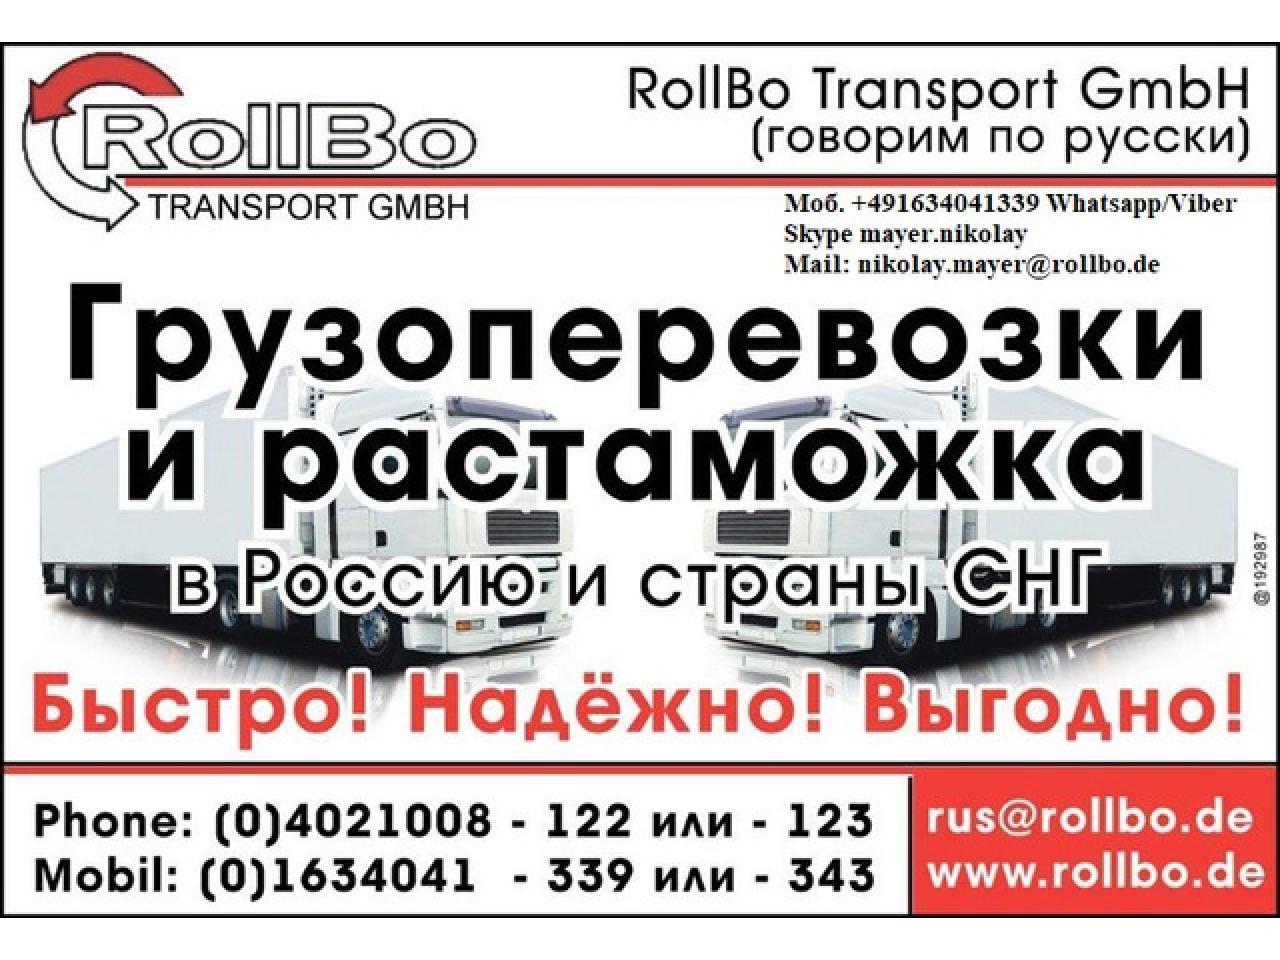 Доставка и растаможка грузов из Европы в Россию, СНГ. Переезды на ПМЖ - 1